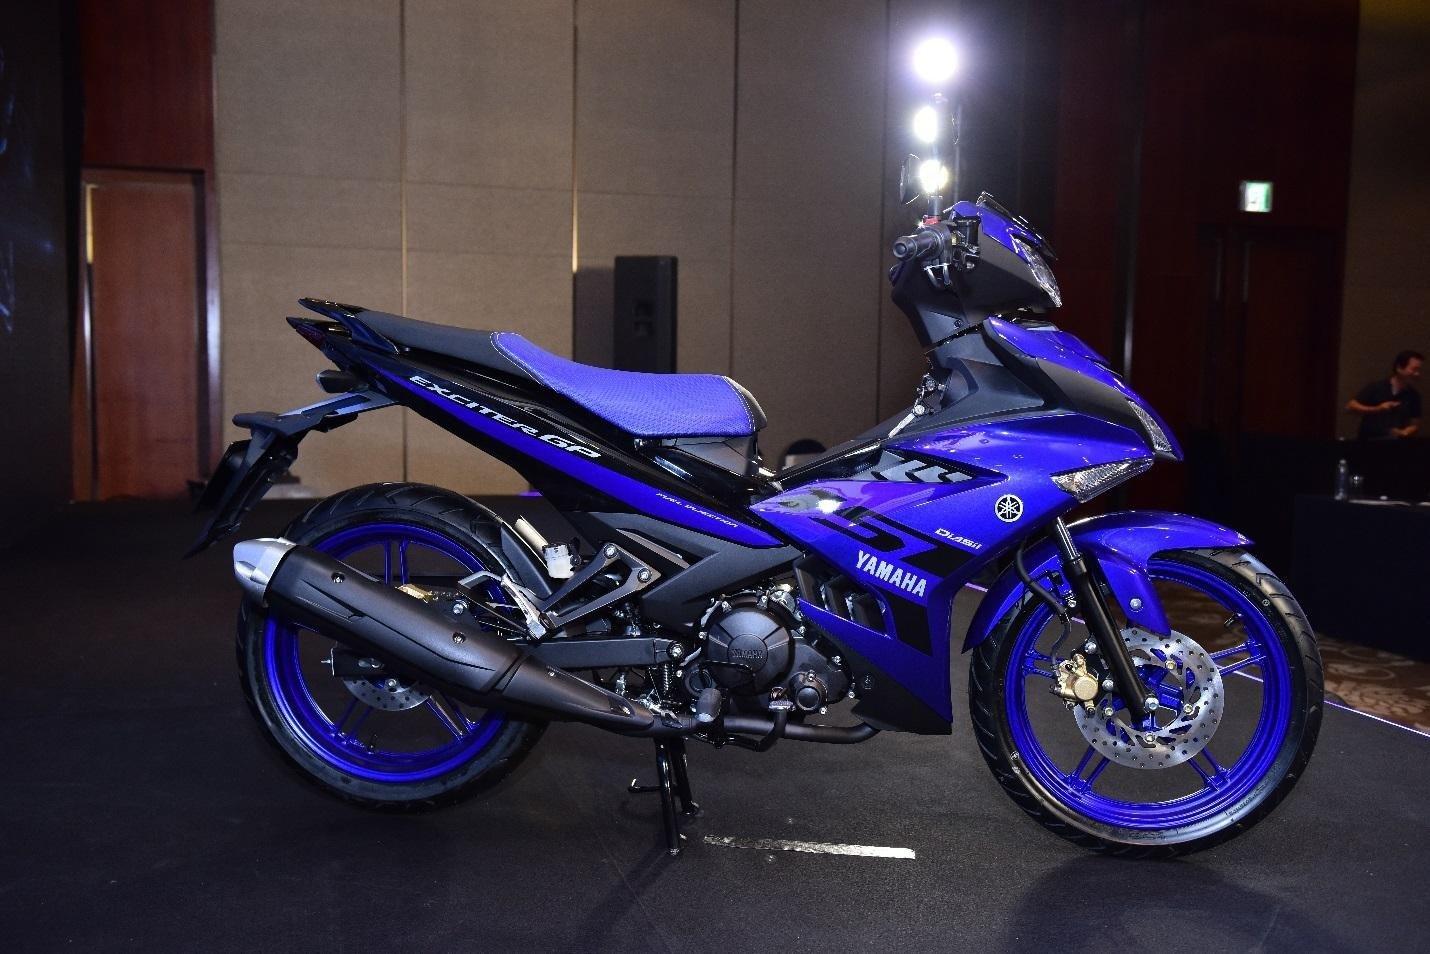 Yamaha Exciter 150: Exciter 150 đang chiếm vị thế hàng đầu tại Việt Nam, trong phân khúc xe côn tay dưới 175. Giá bán Exciter 150 tại các đại lý Yamaha khoảng 47-50 triệu đồng.